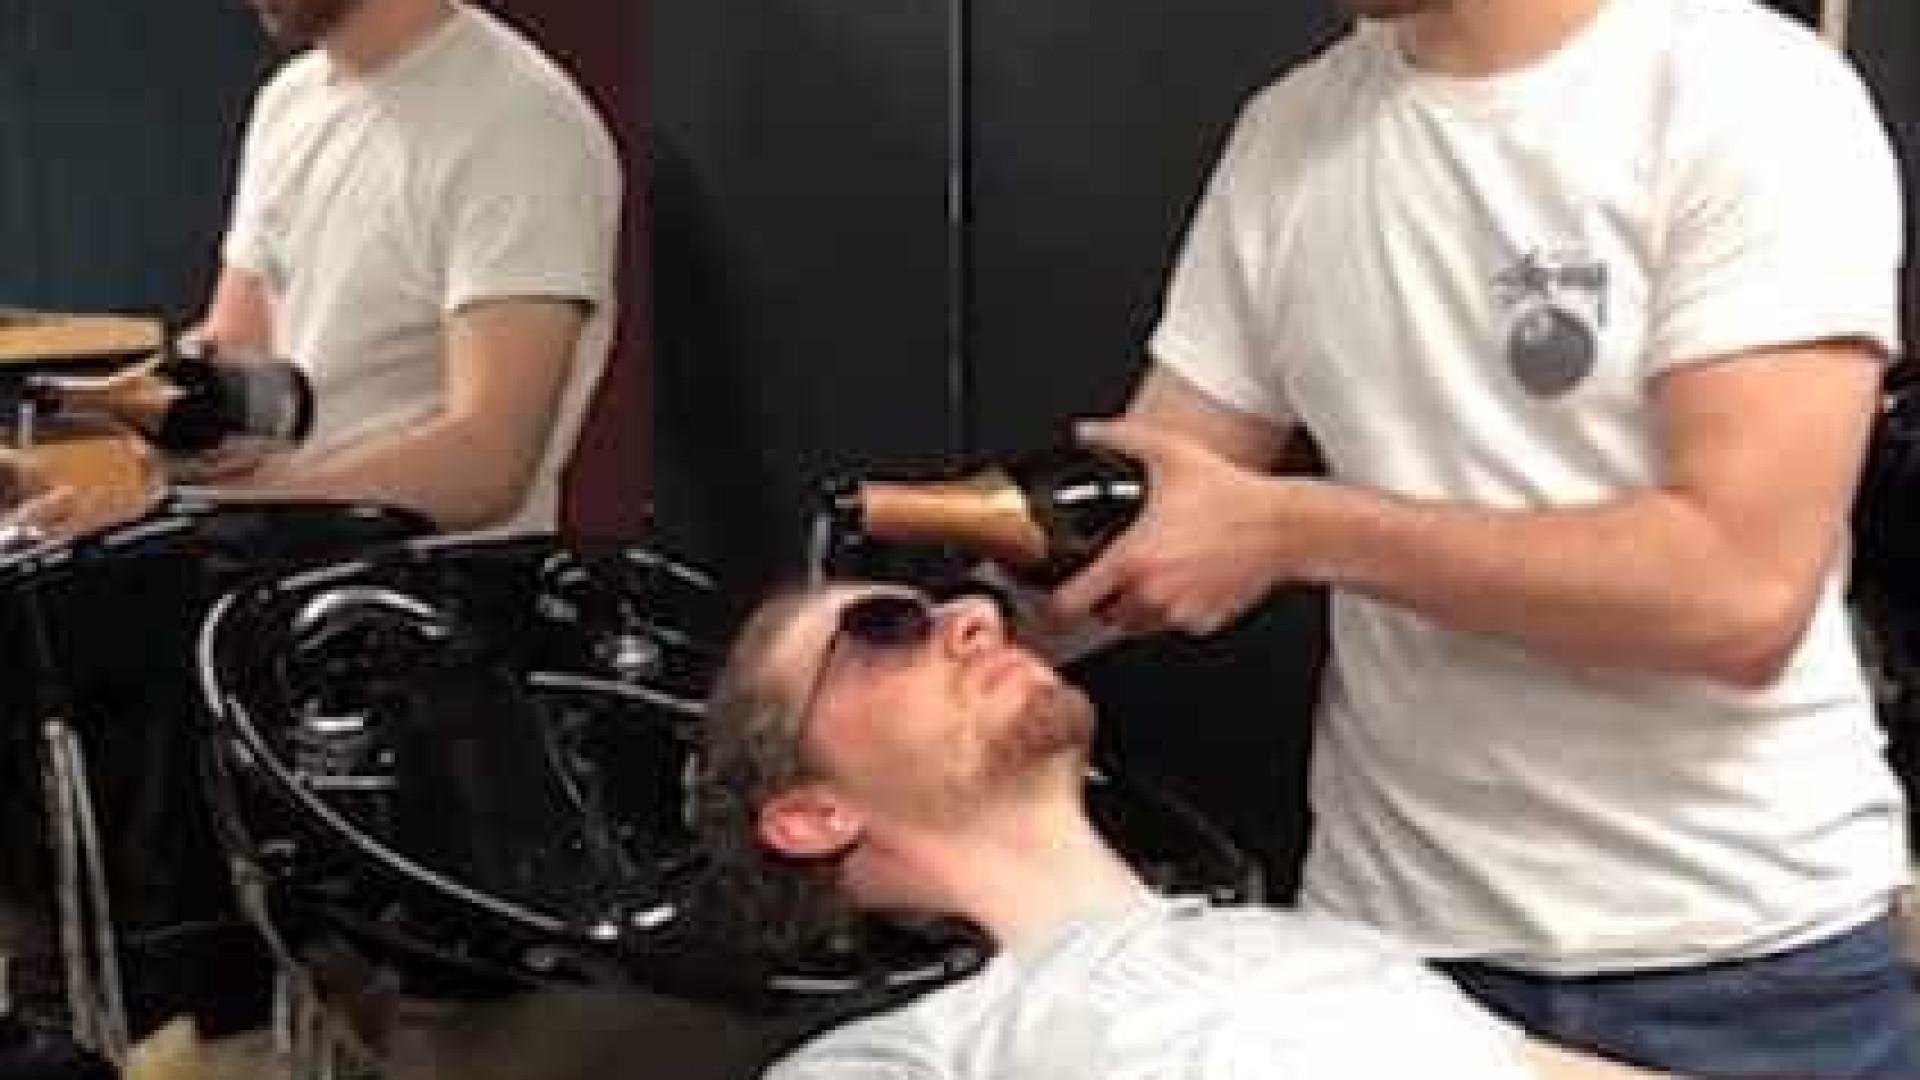 Barbeiro russo lava o cabelo dos clientes com champanhe; vídeo